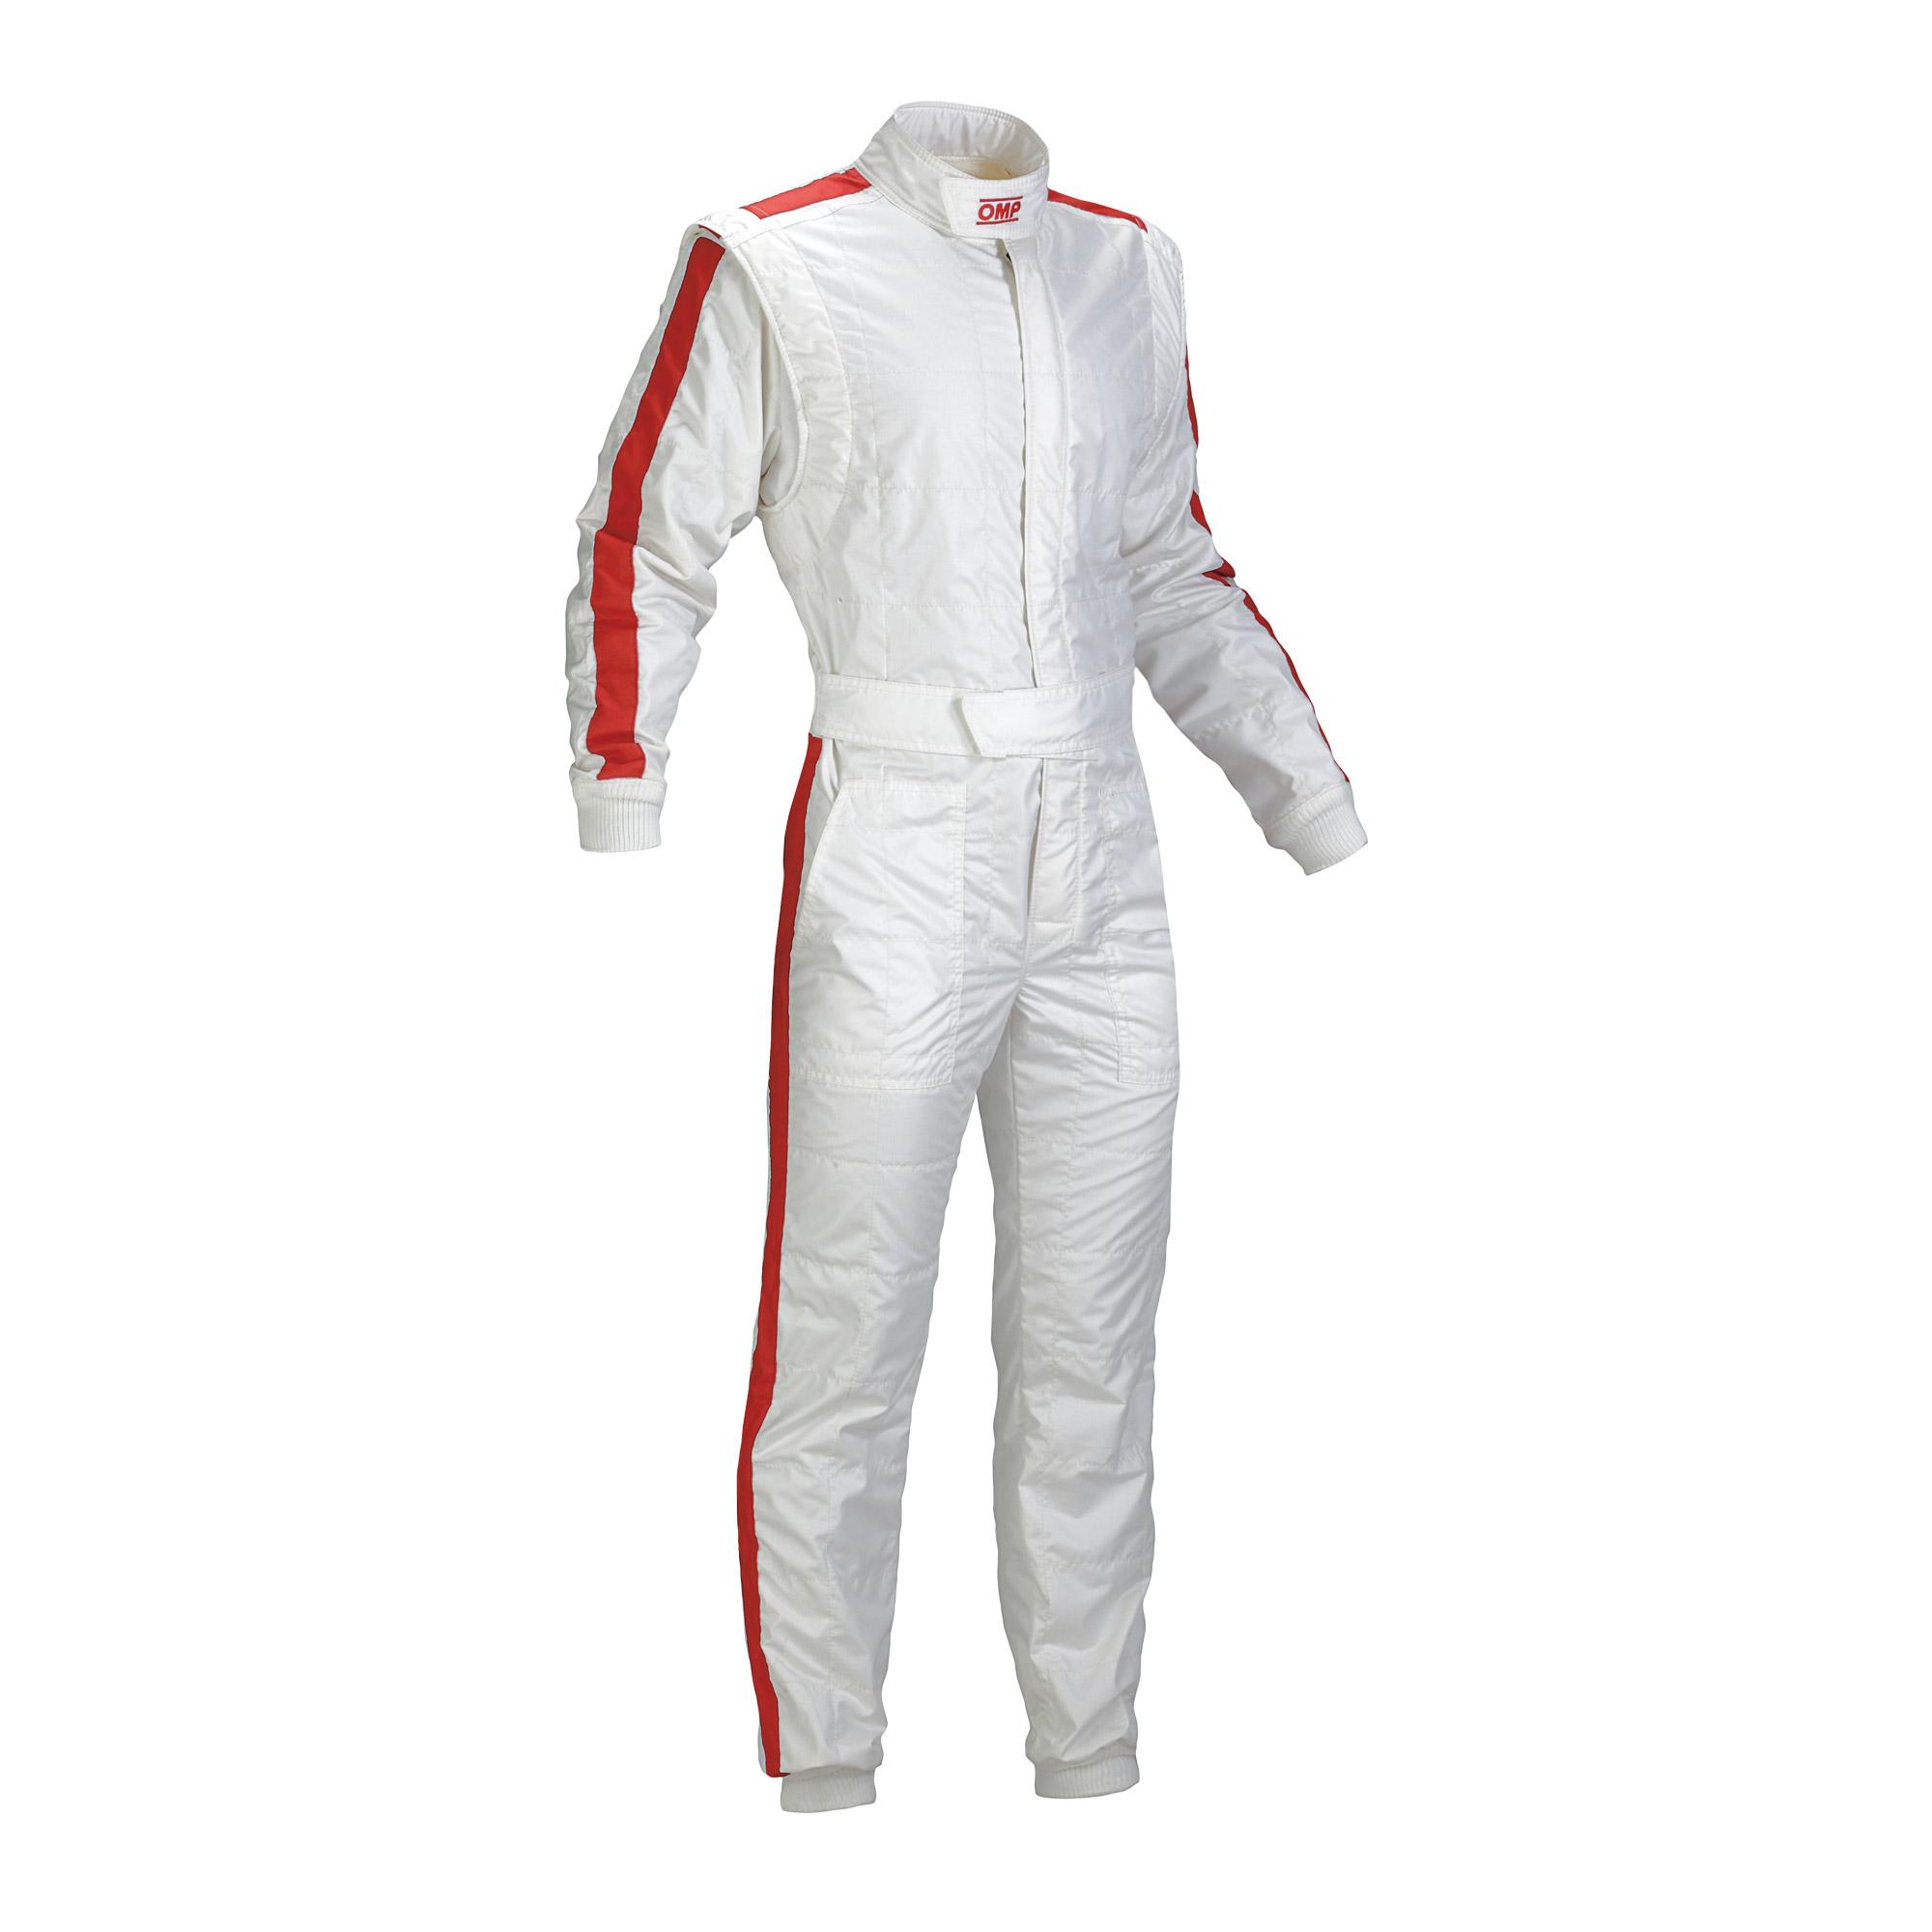 nice racing suit template pictures  u0026gt  u0026gt  alpinestars missile